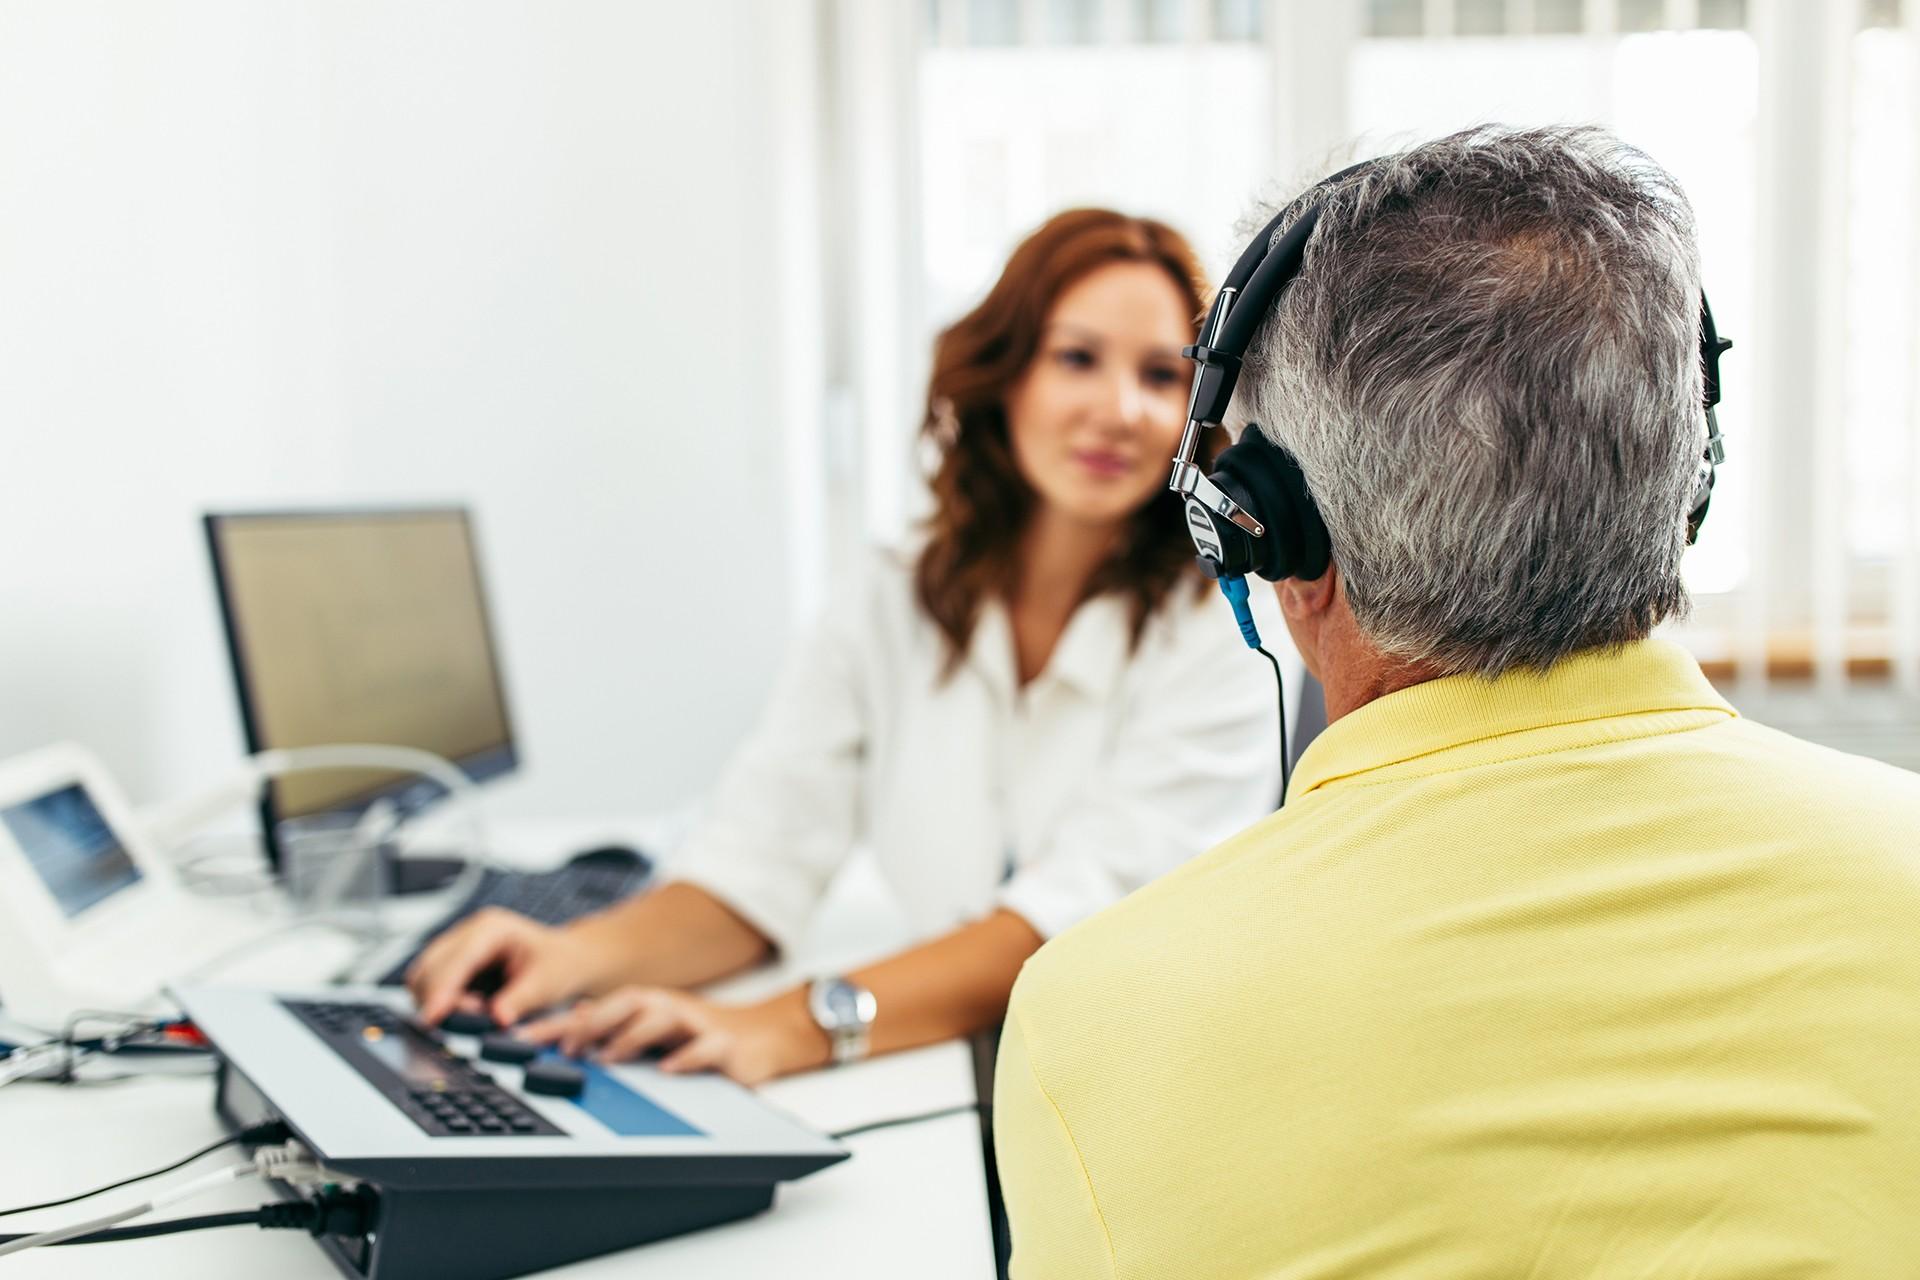 Κριτήρια αξιολόγησης ακοής